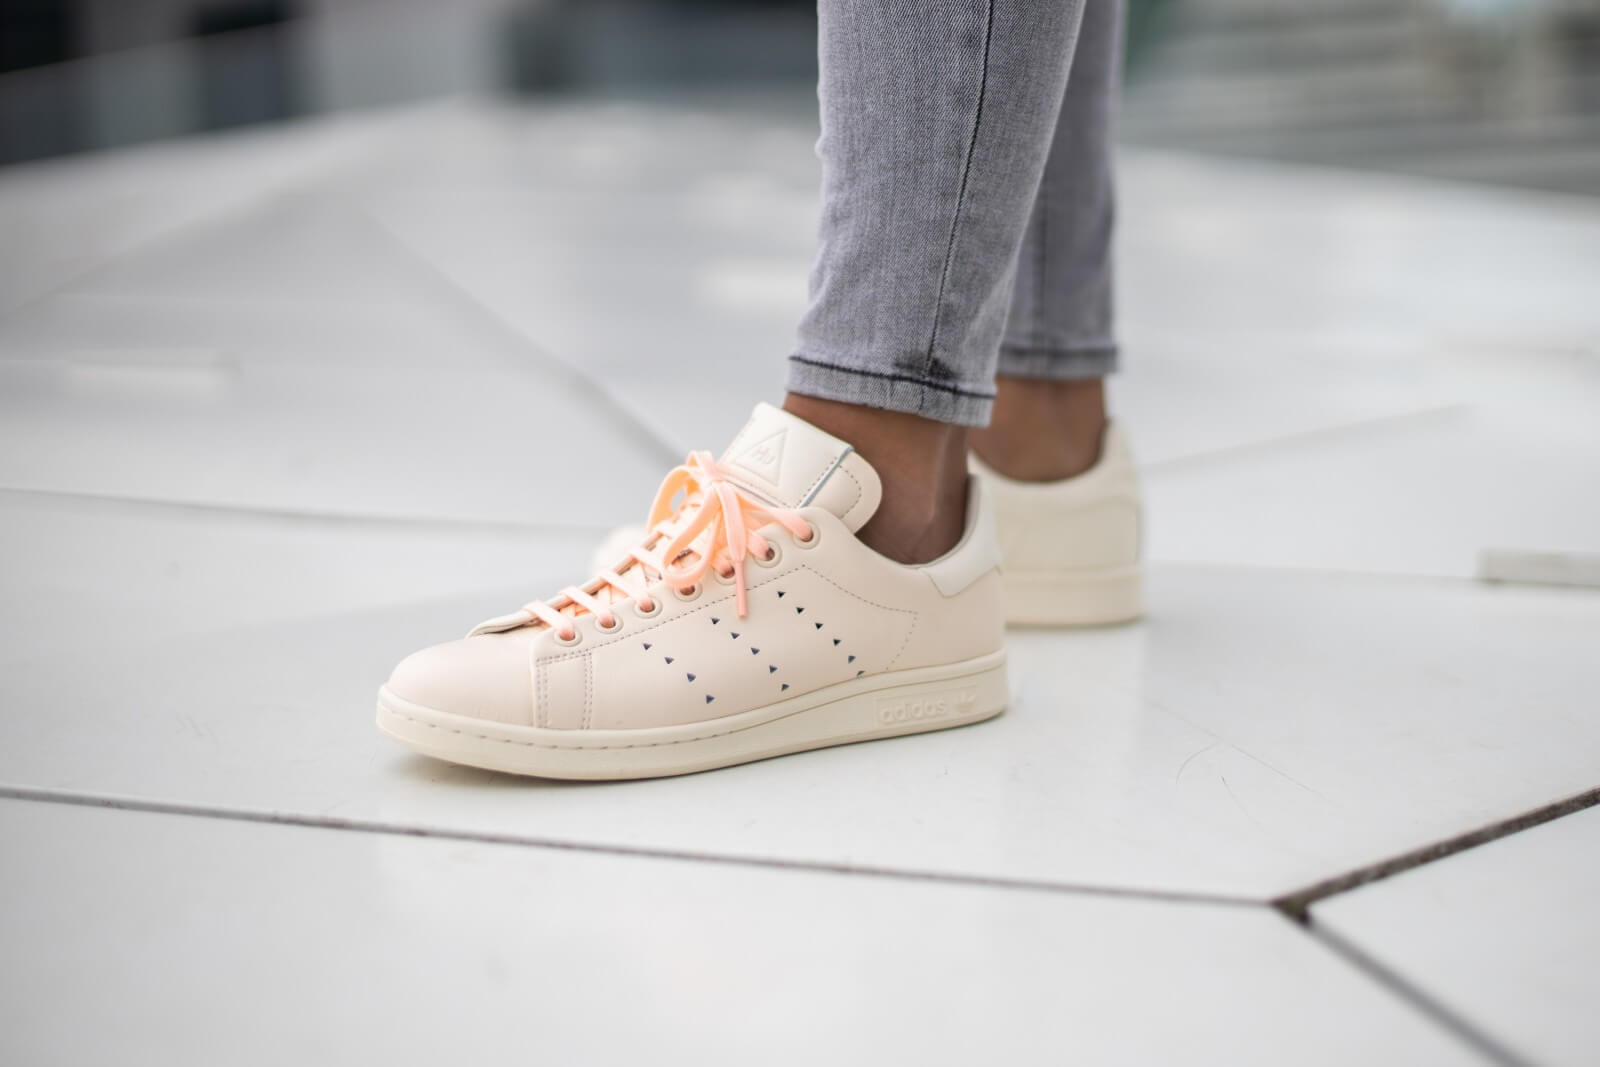 Adidas x Pharrell Williams HU Stan